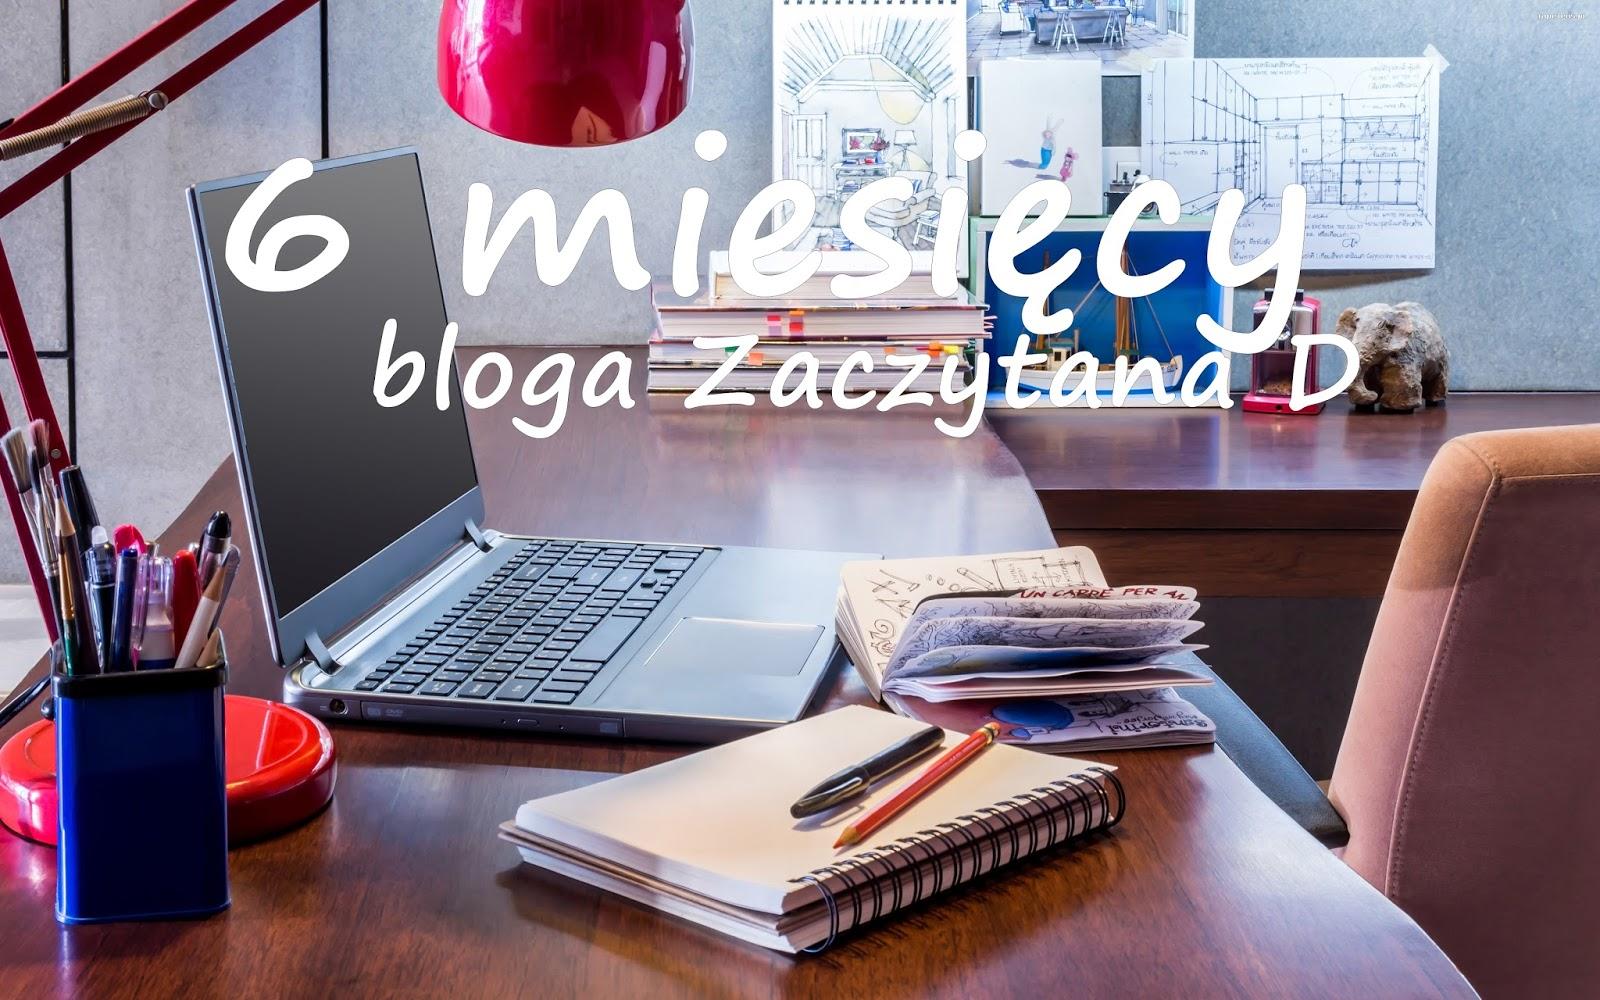 6 miesięcy bloga! [rozdanie-zakończone]